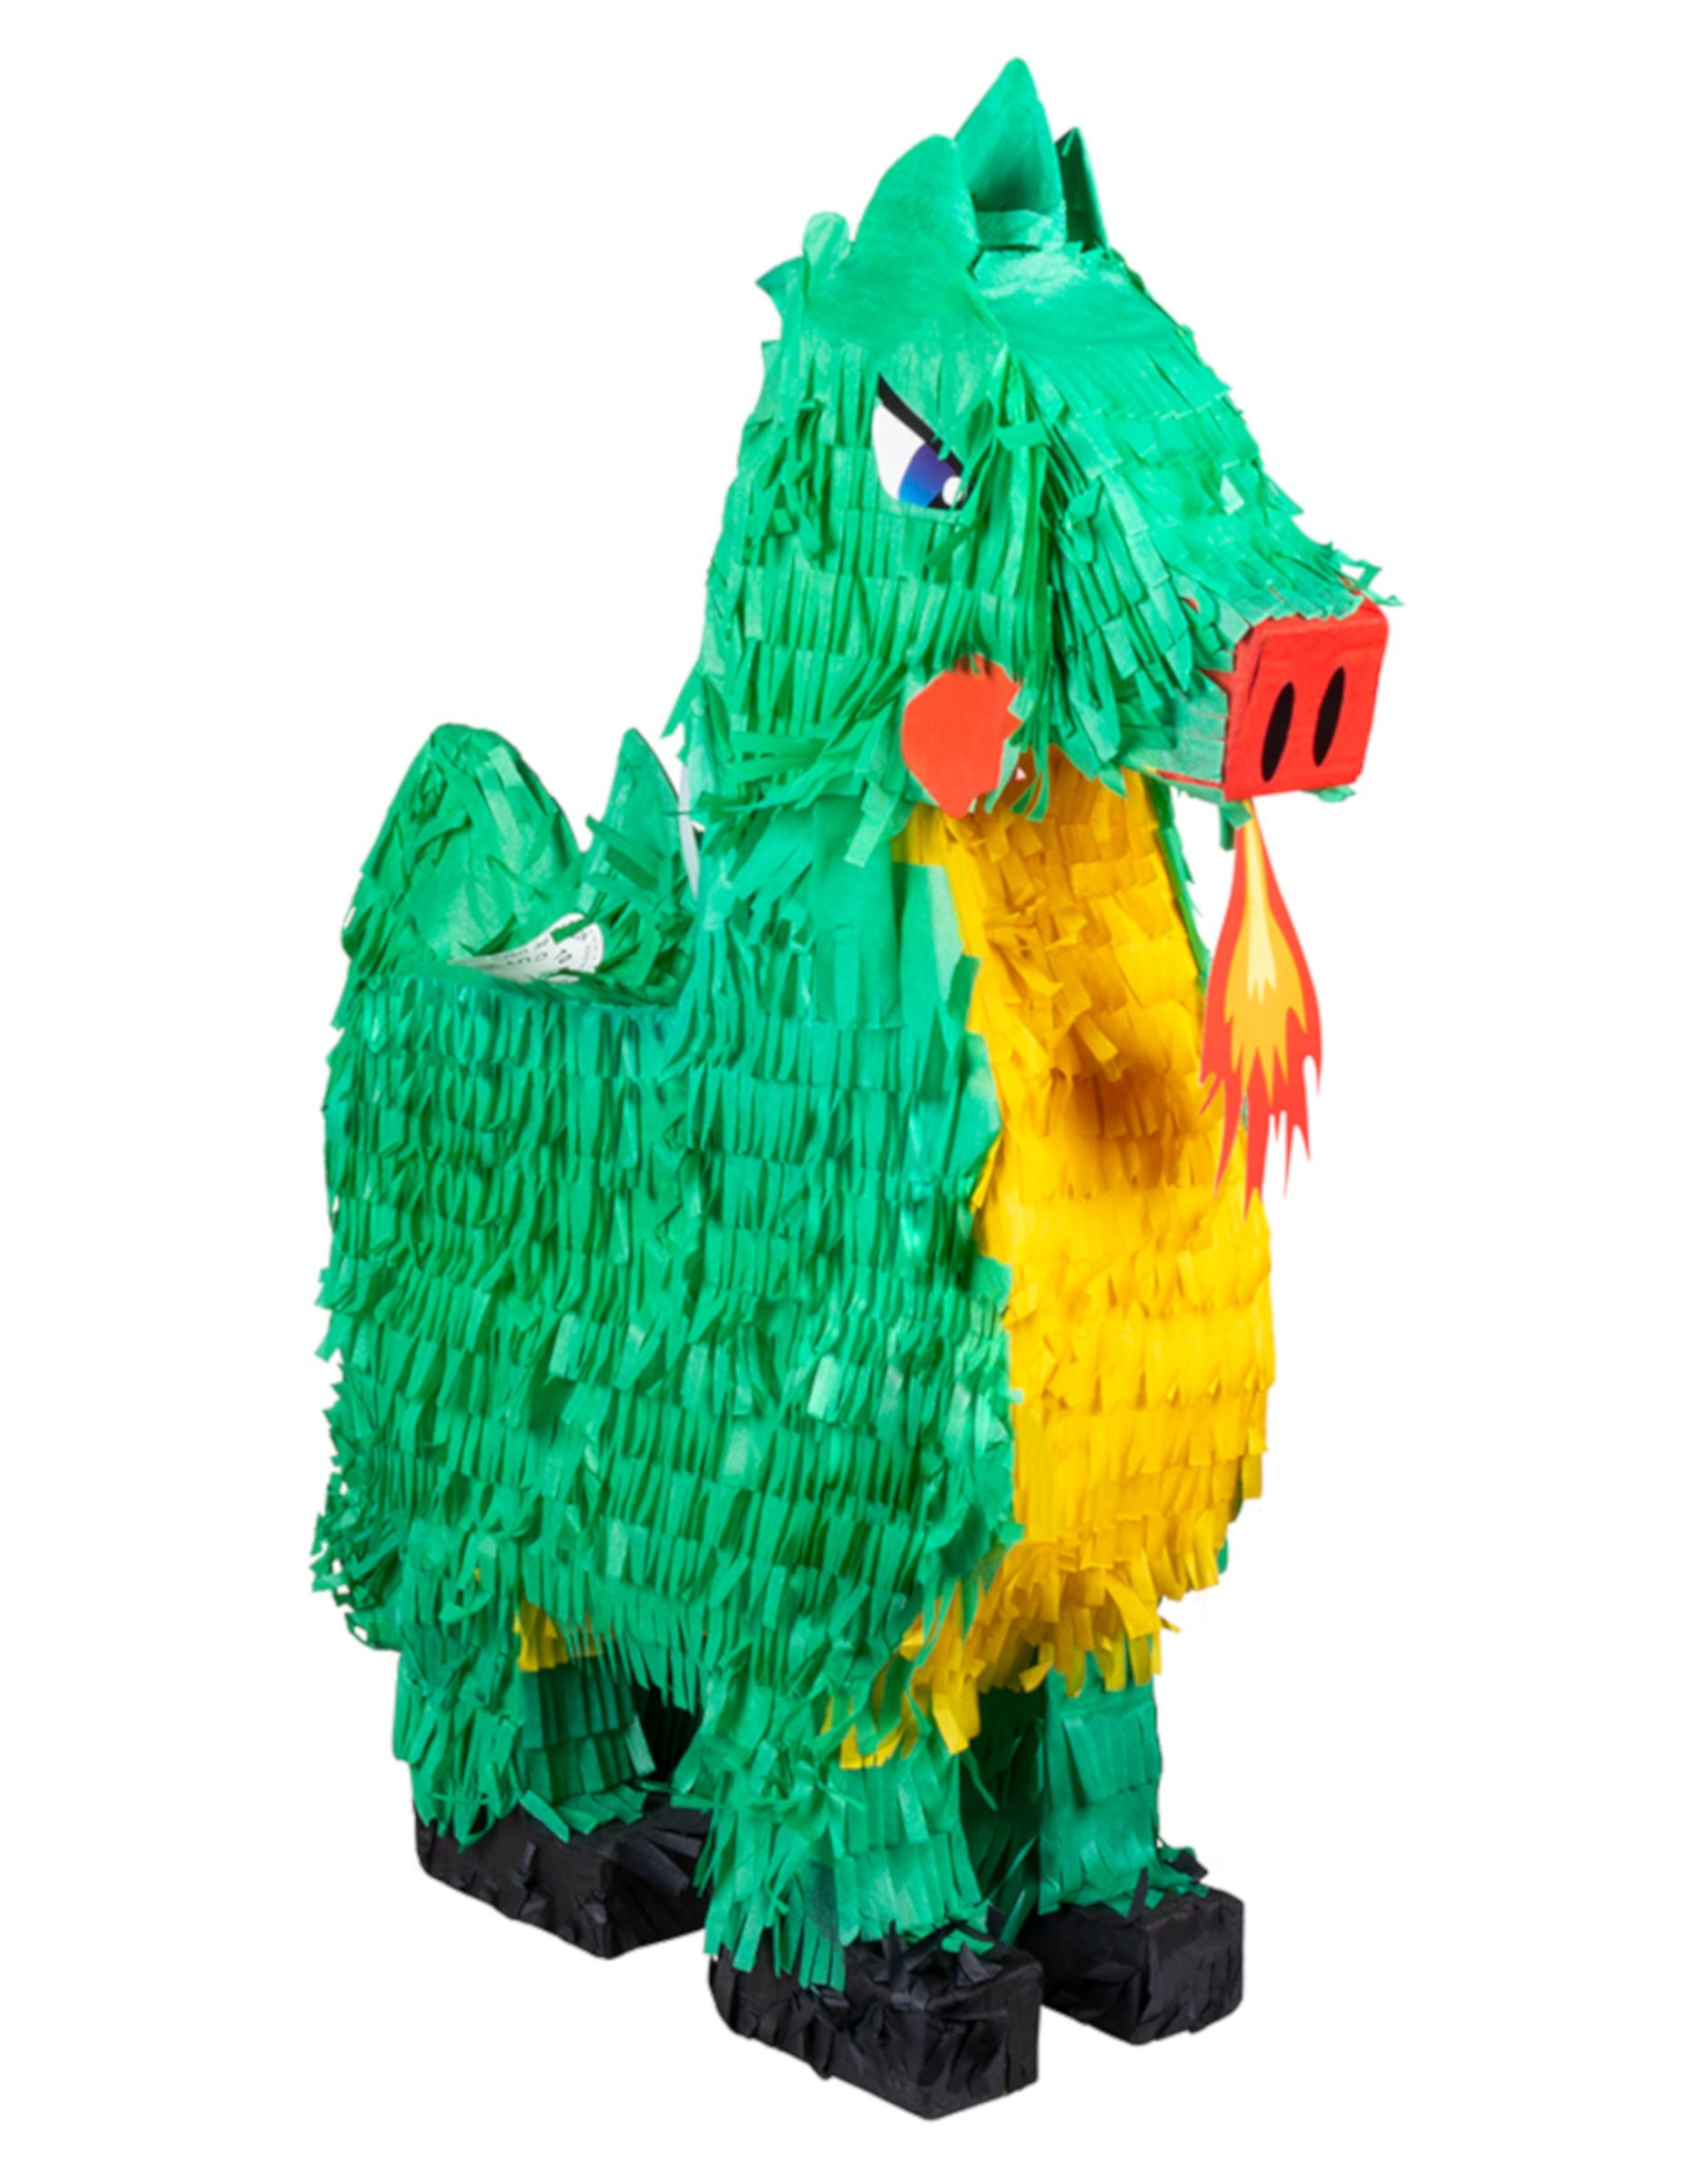 Drachen-Piñata Partydeko grün-gelb 49x47 cm 297895